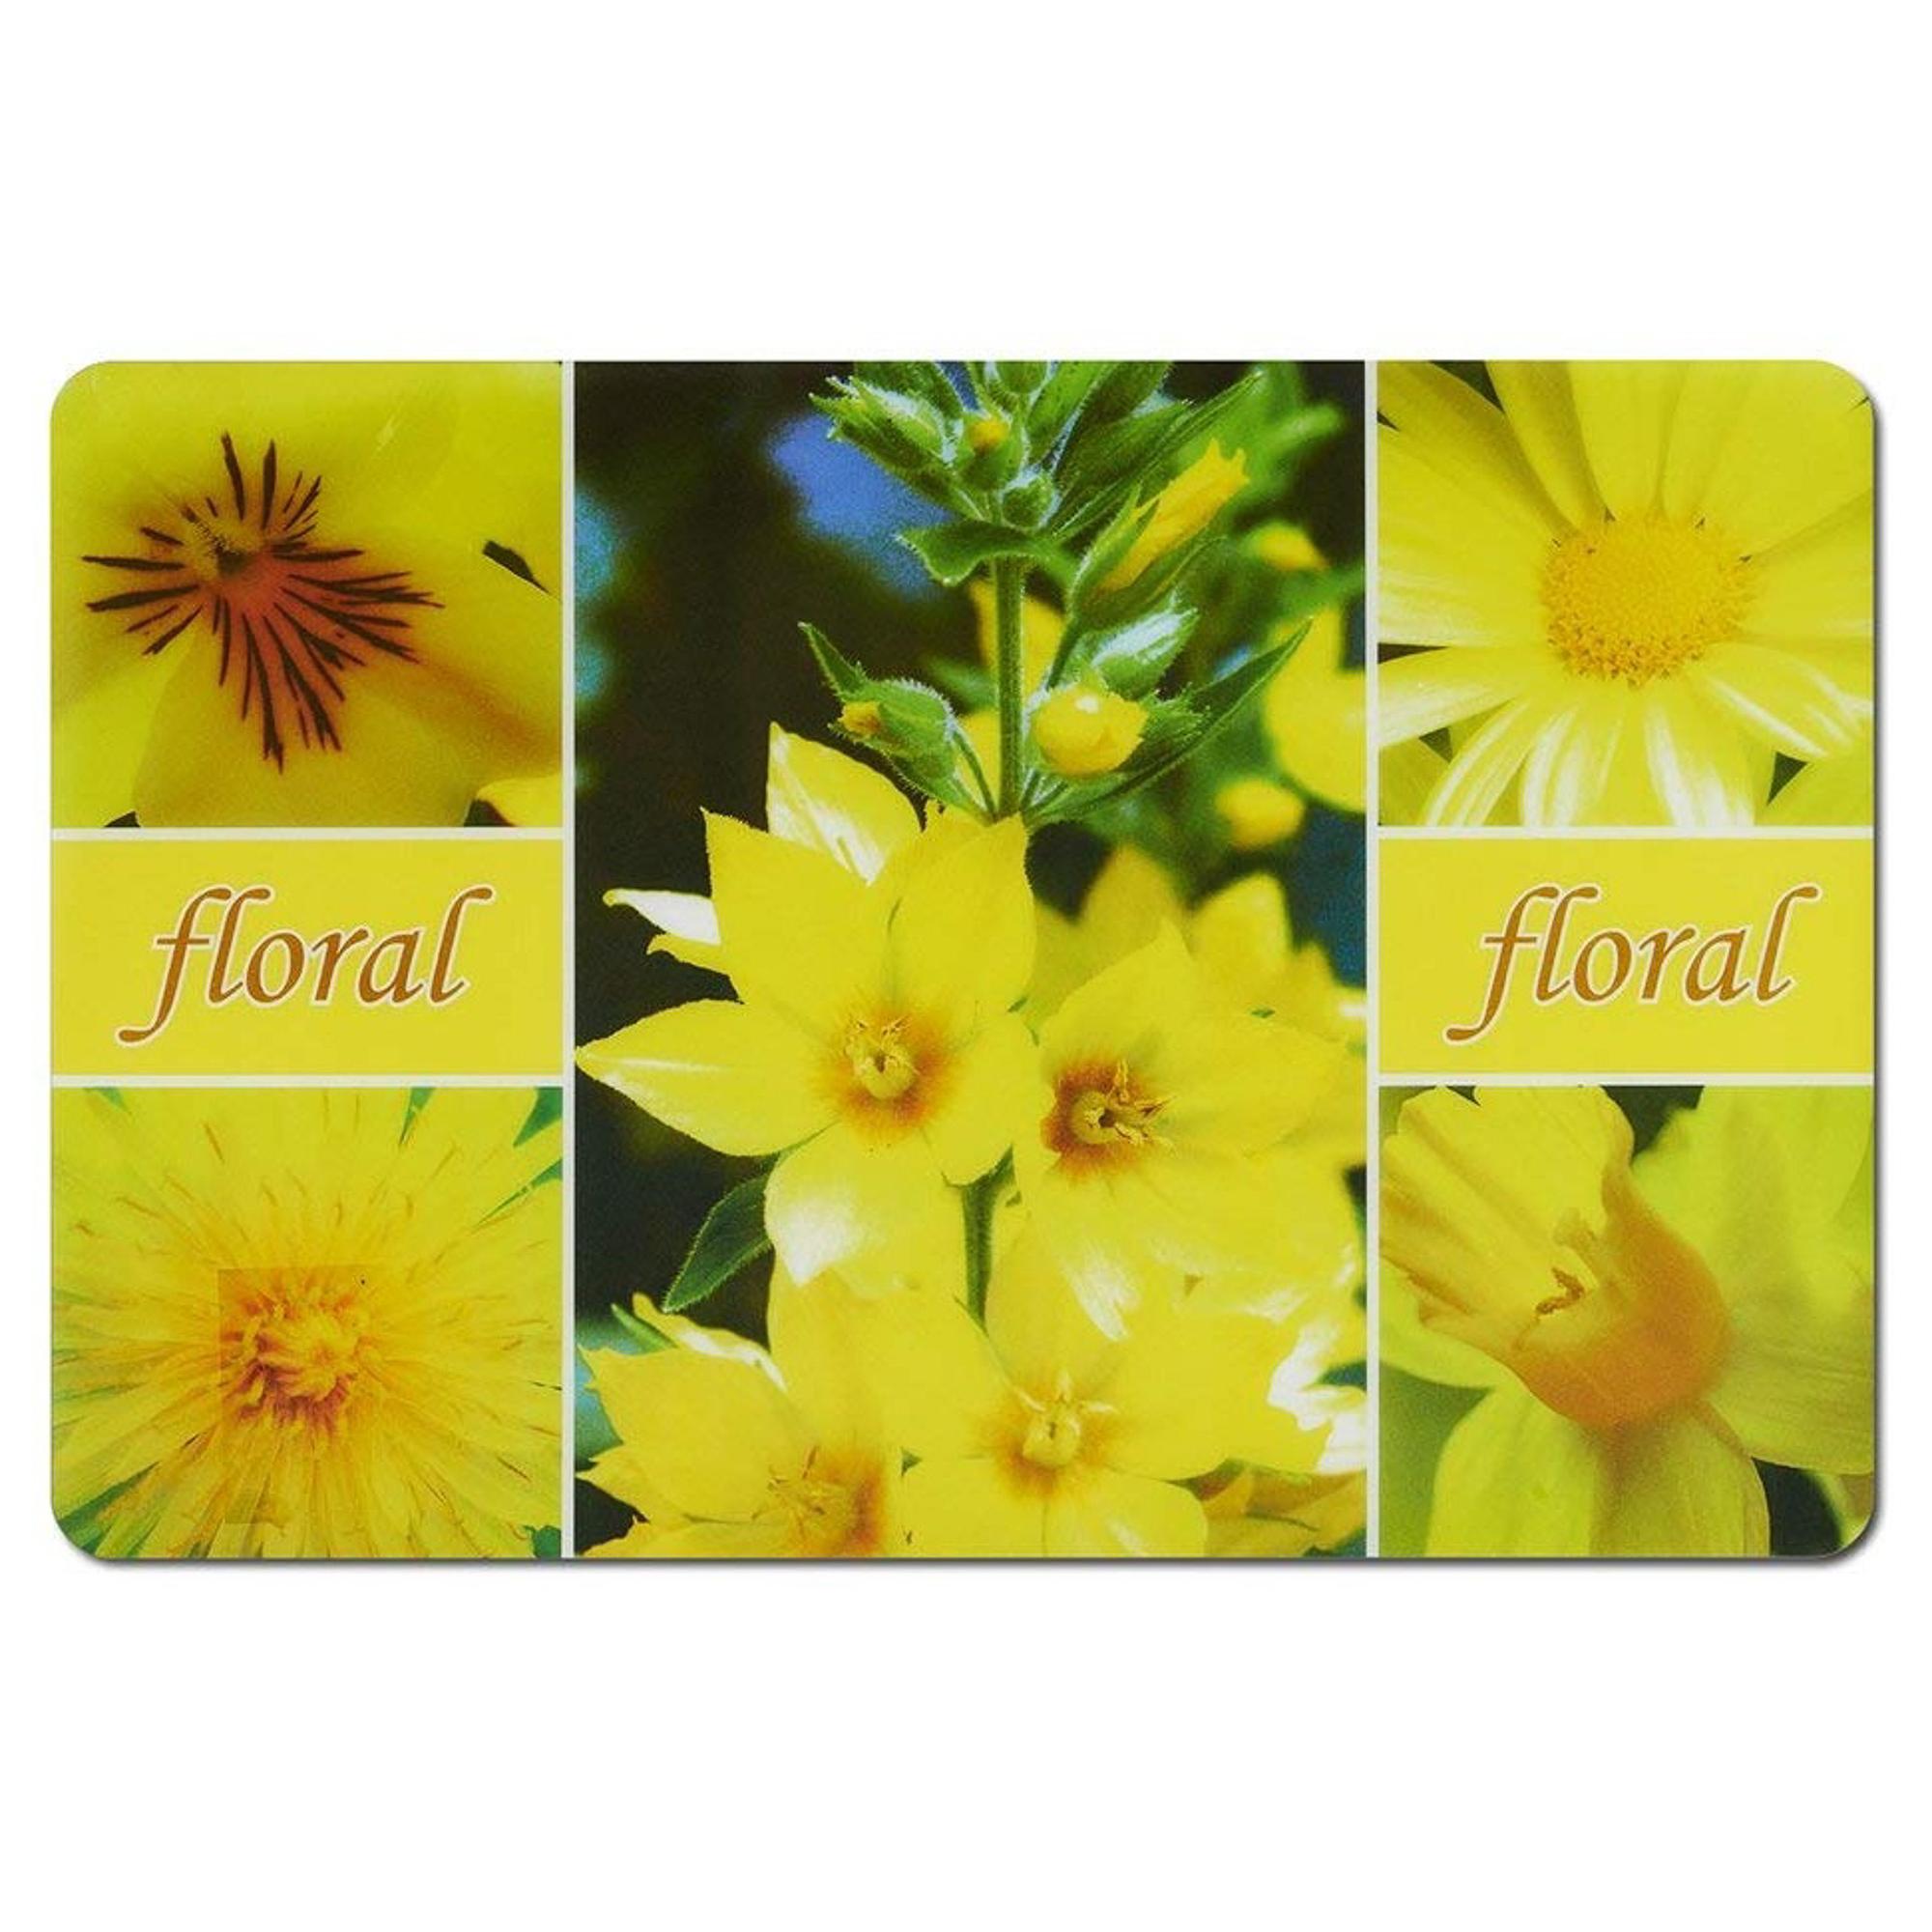 Фото - подставка под горячее 43,5х28,5 см желтые цветы Zeller подставка под горячее zeller 35 см серый